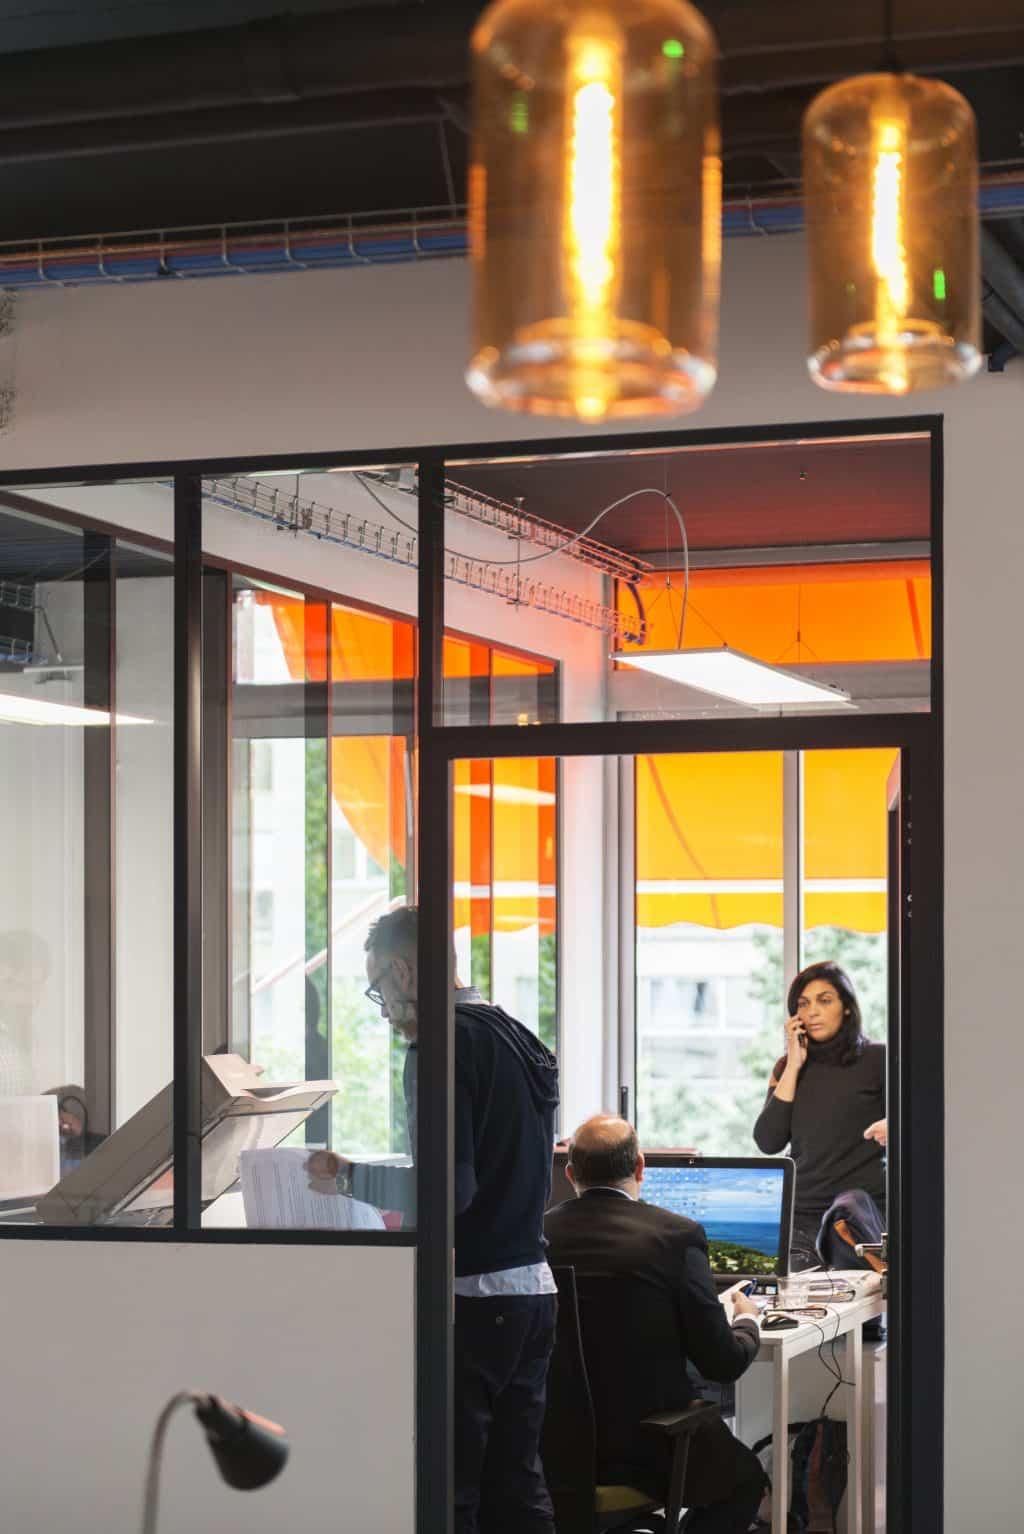 Start way paris 16 location de bureaux flexibles et privatifs coworking ecosyst me centre d - Bureau de poste paris 12 ...